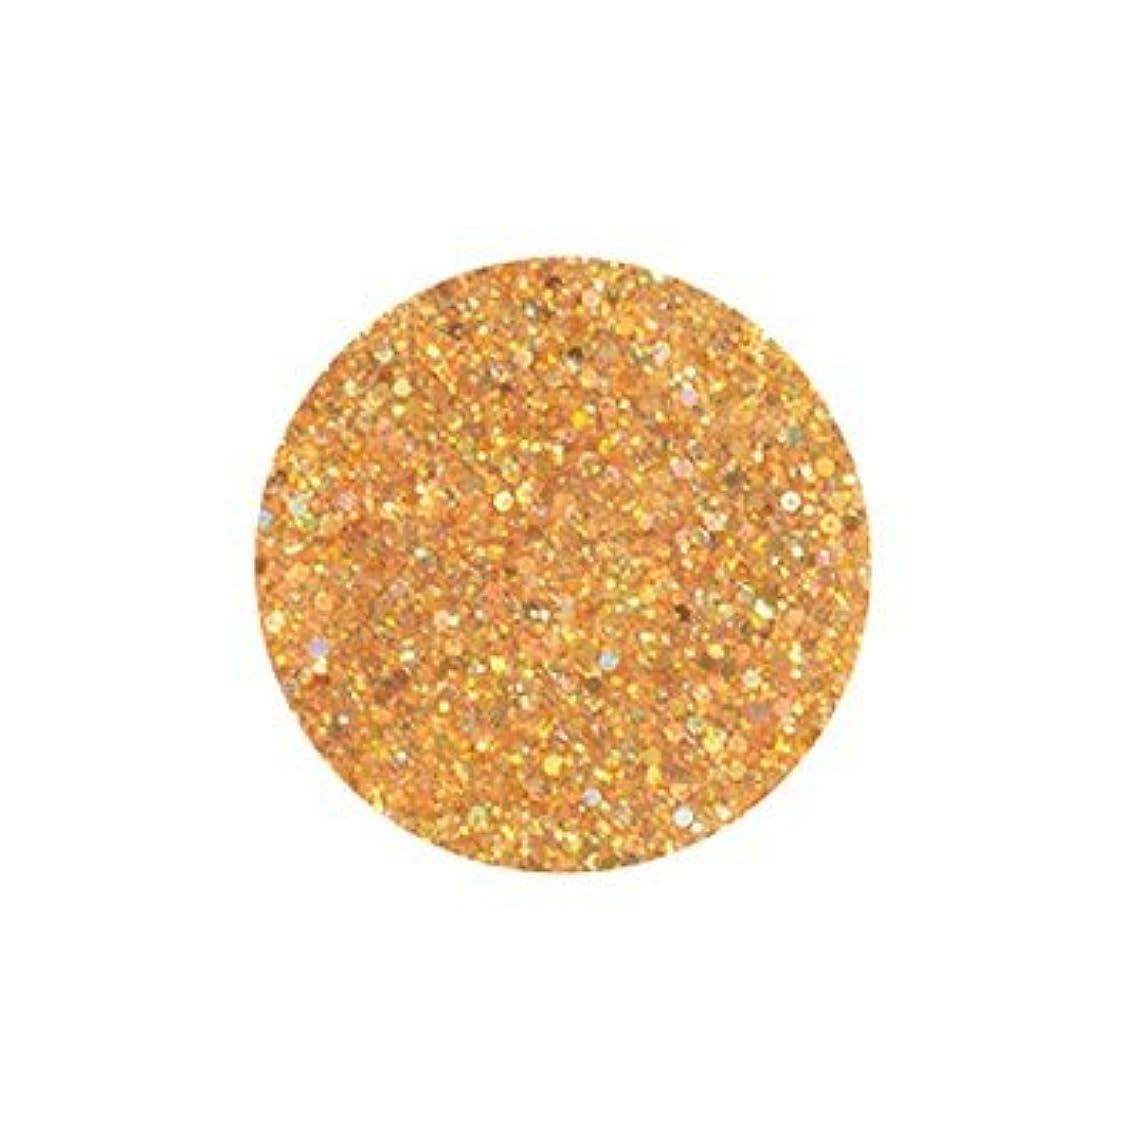 血マートパンFANTASY NAIL ダイヤモンドコレクション 3g 4254XS カラーパウダー アート材